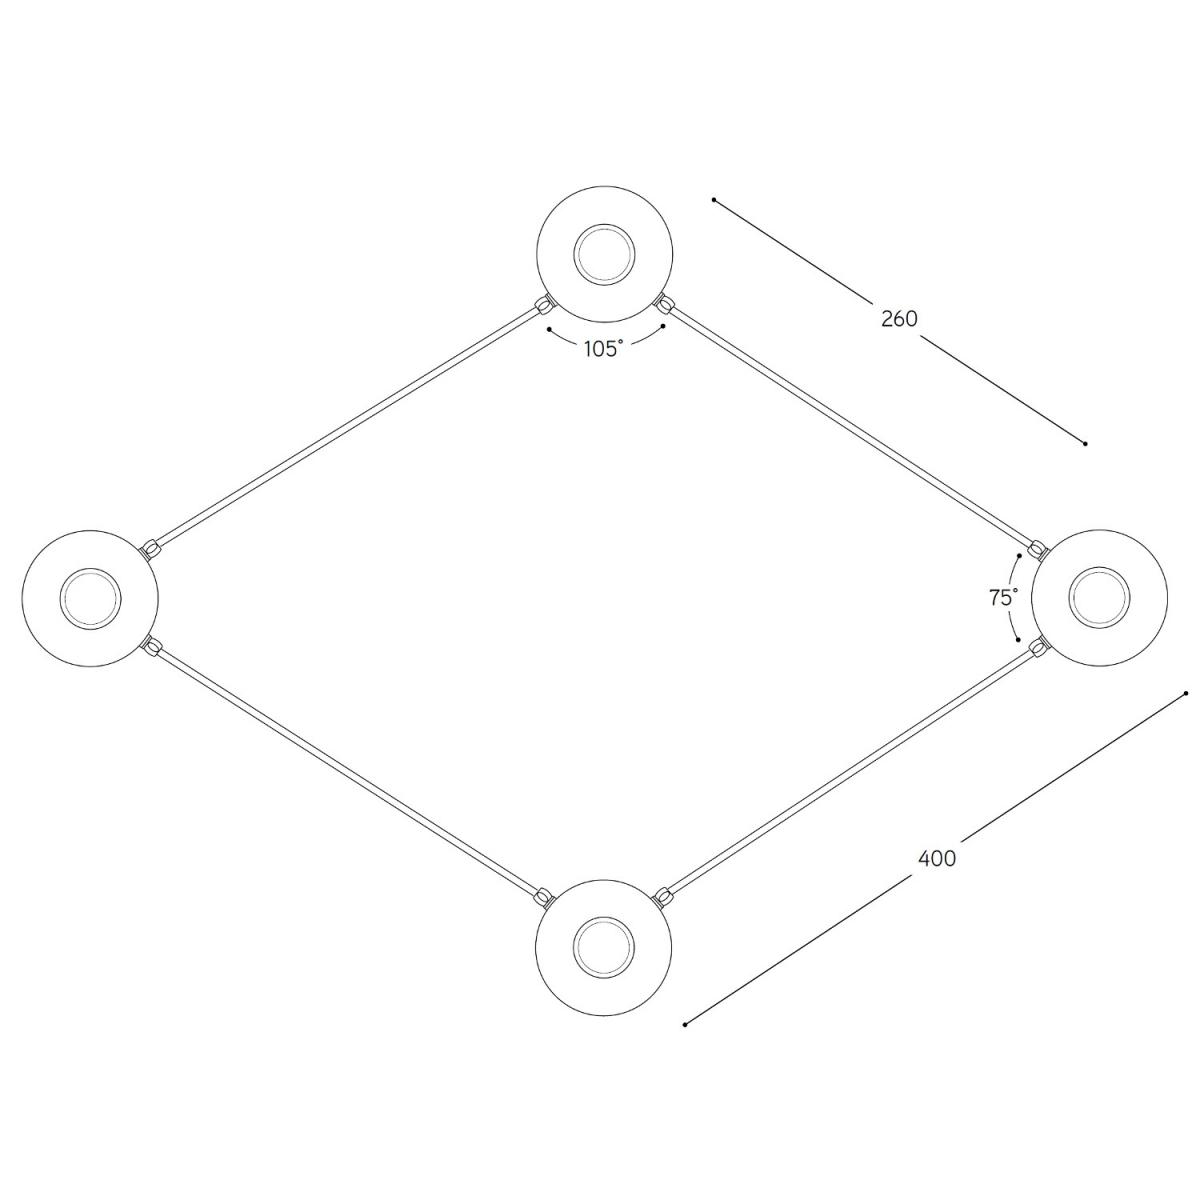 Schön Modulare Verkabelung Galerie - Der Schaltplan - triangre.info